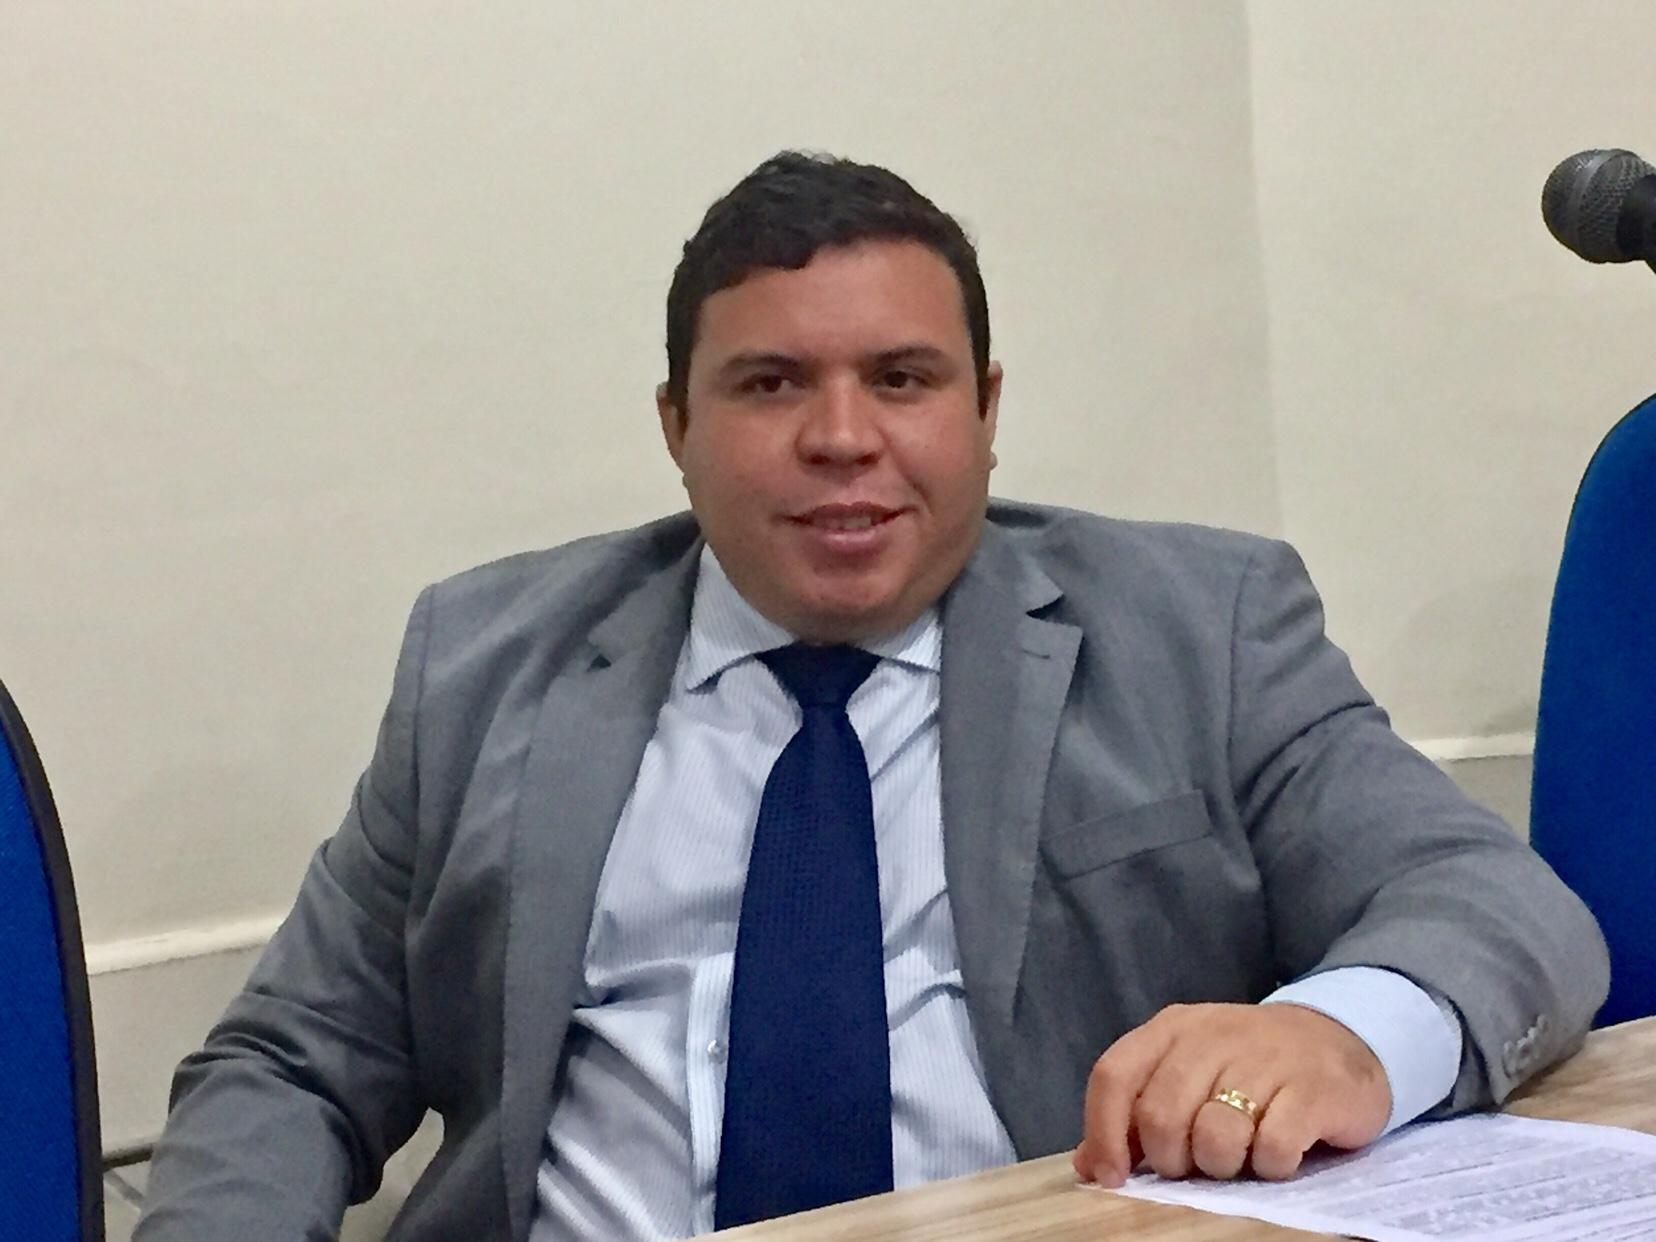 Vereador Isaac de Belchior faz balanço do seu primeiro ano de mandato em Lauro de Freitas